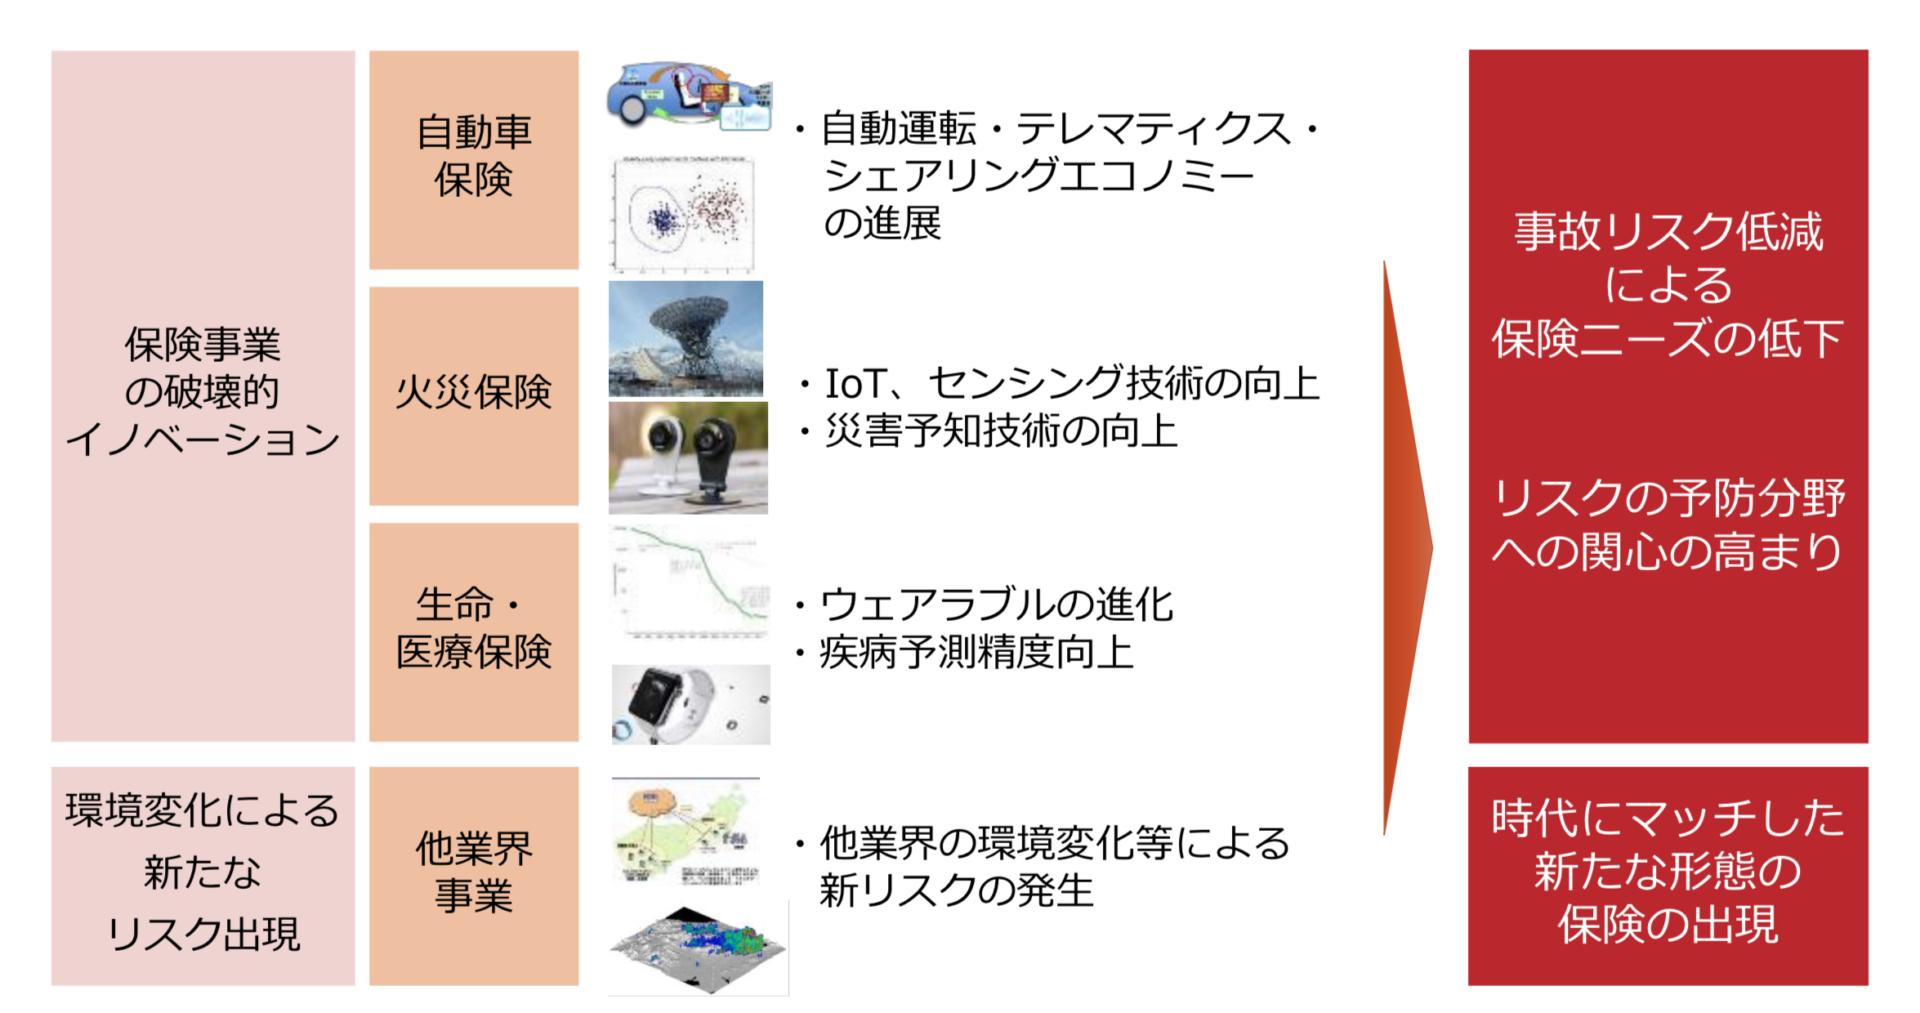 保険会社のデジタルディスラプション